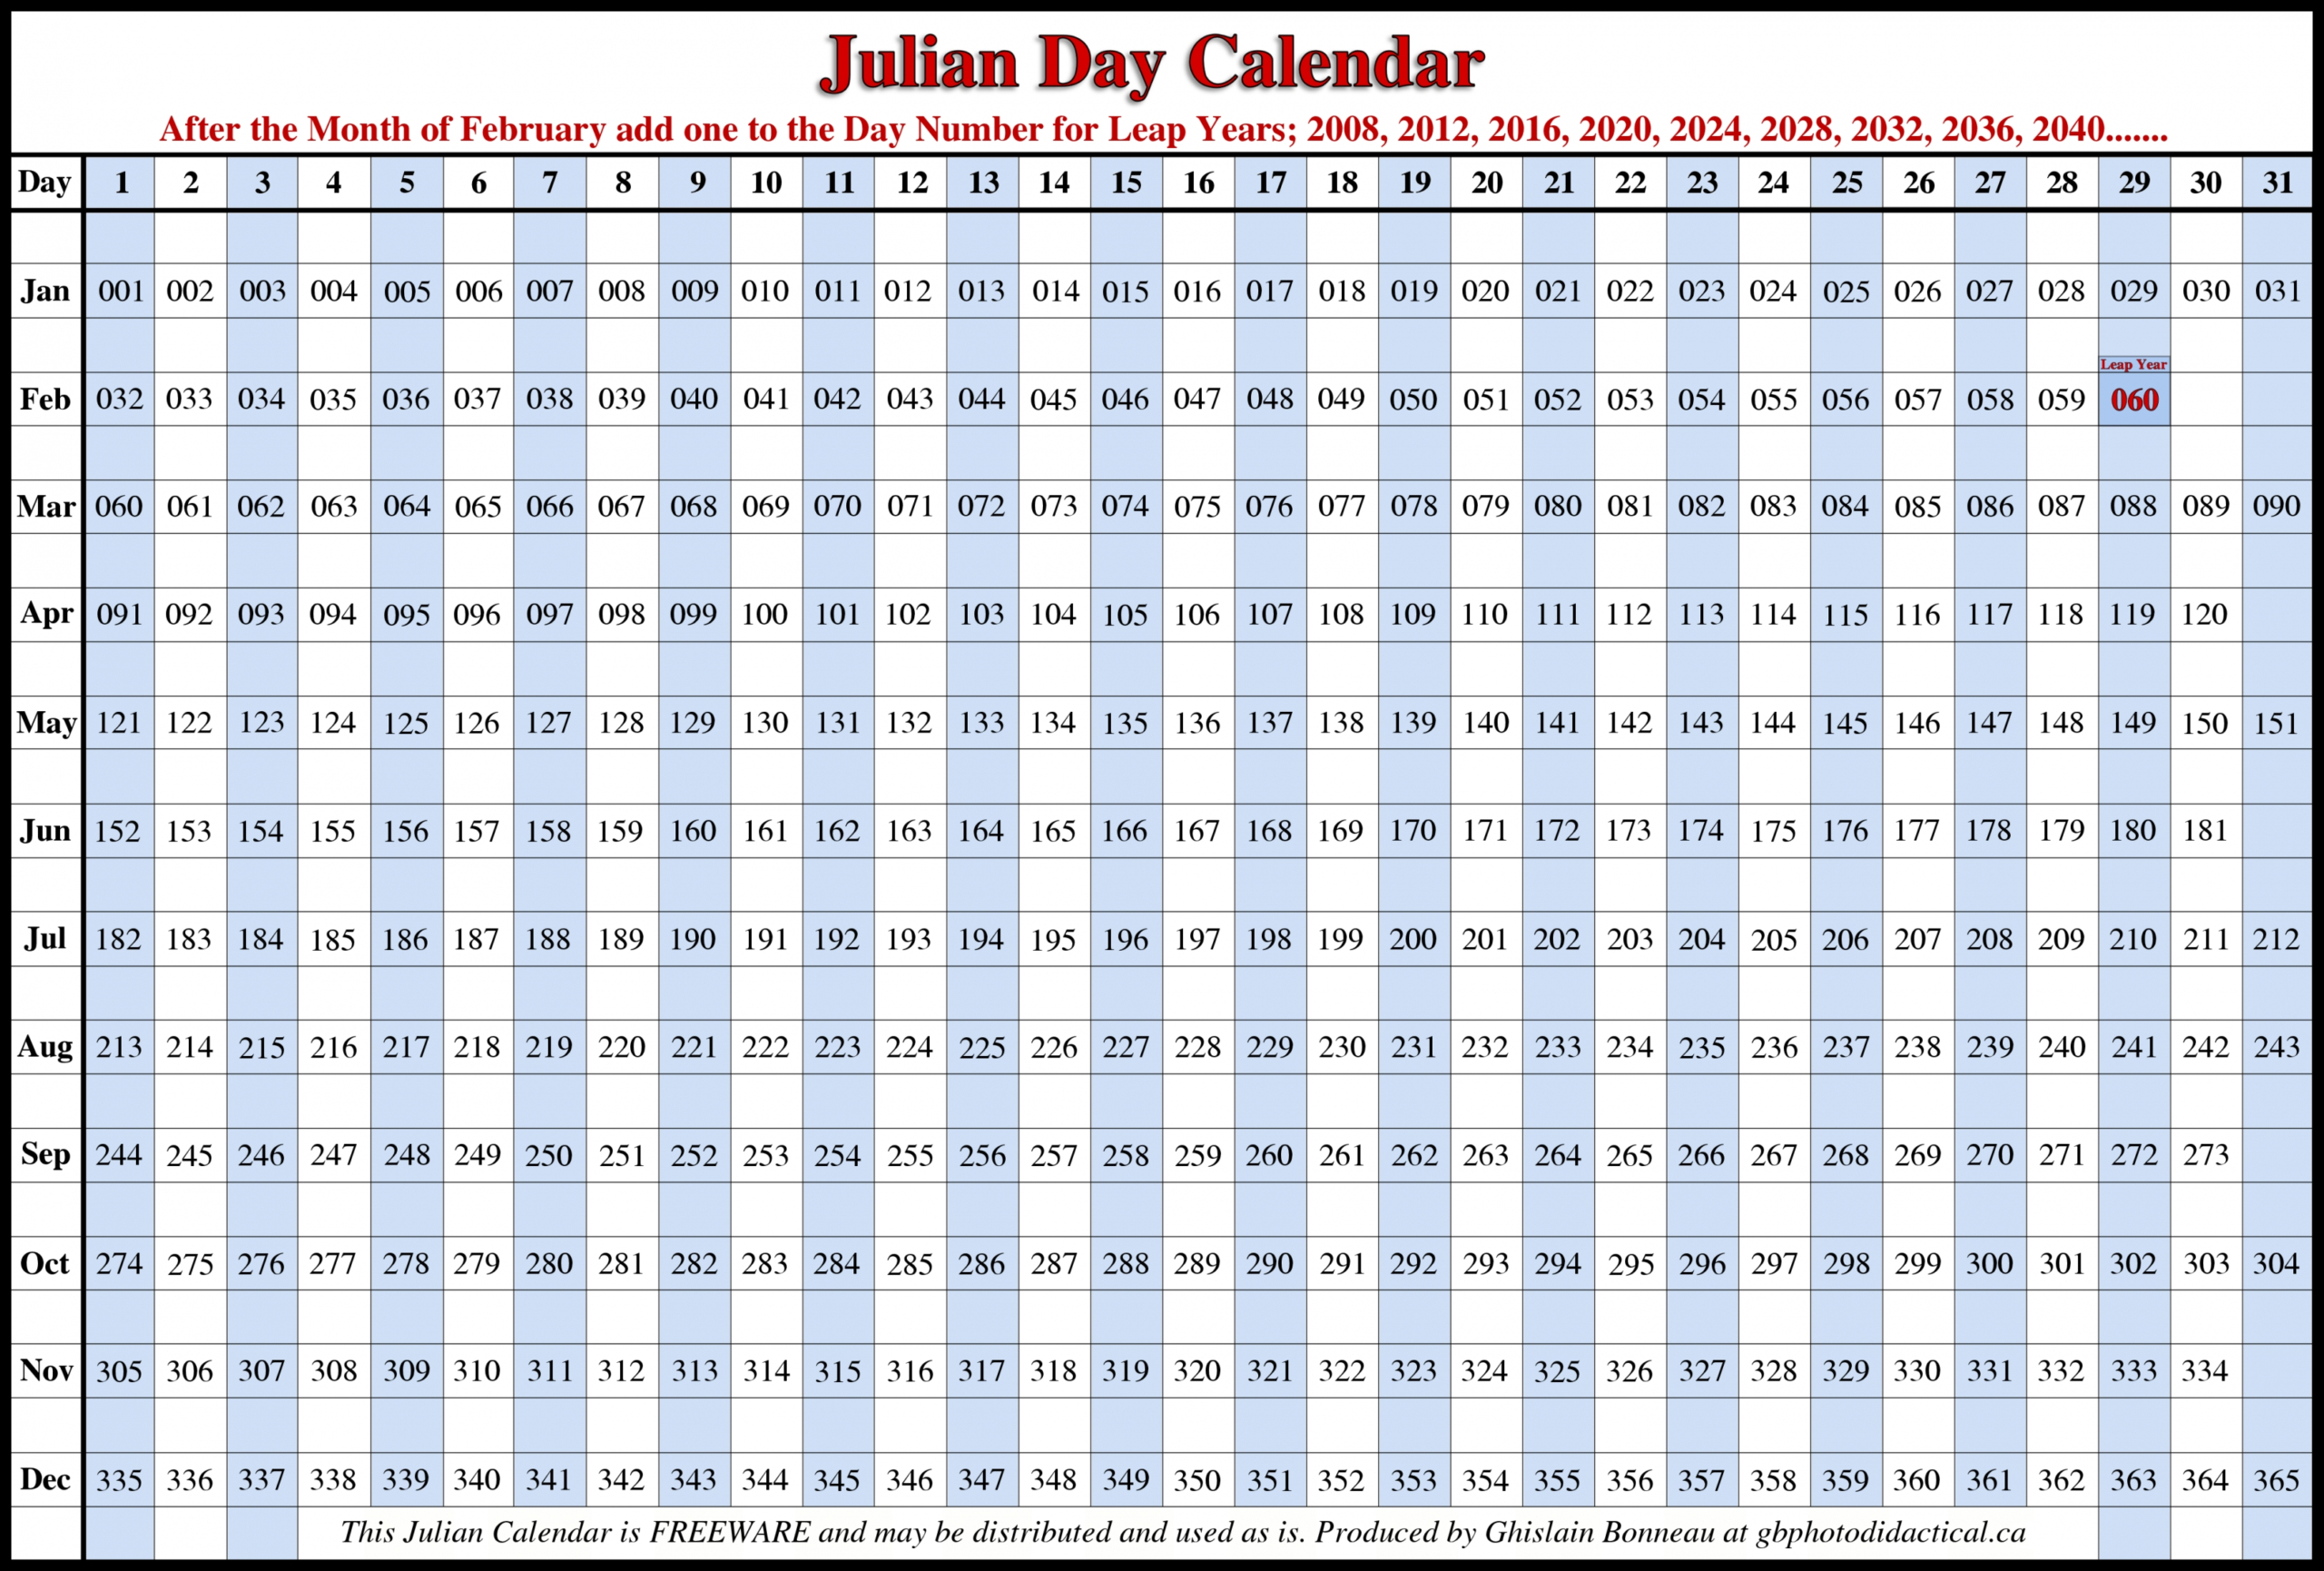 Julian Calendar 2021 Today | Printable March